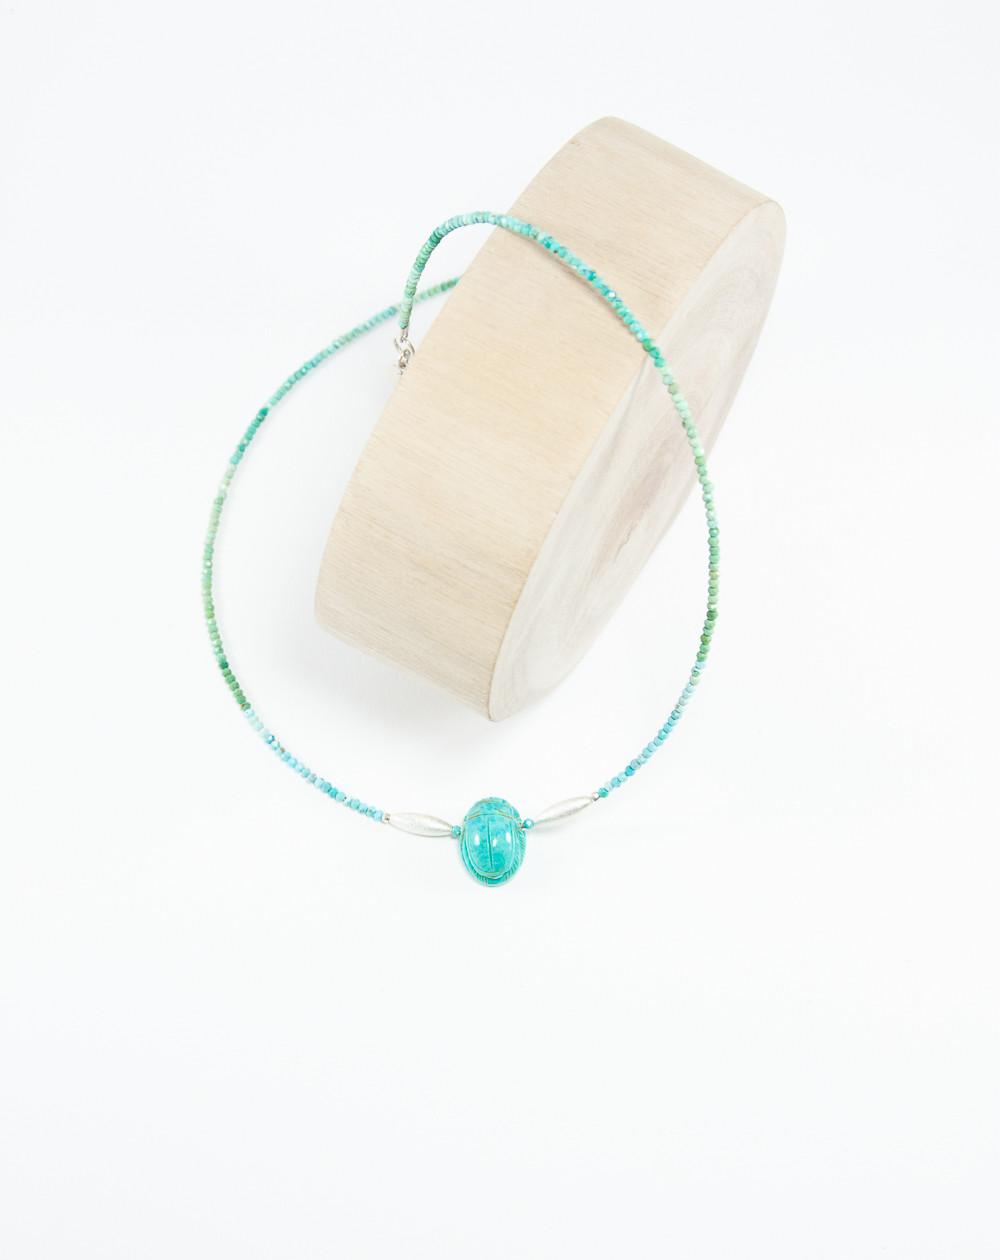 Collier en Turquoise d'Arizona, Scarabée en Turquoise, Sanuk Création. Créateurs Français